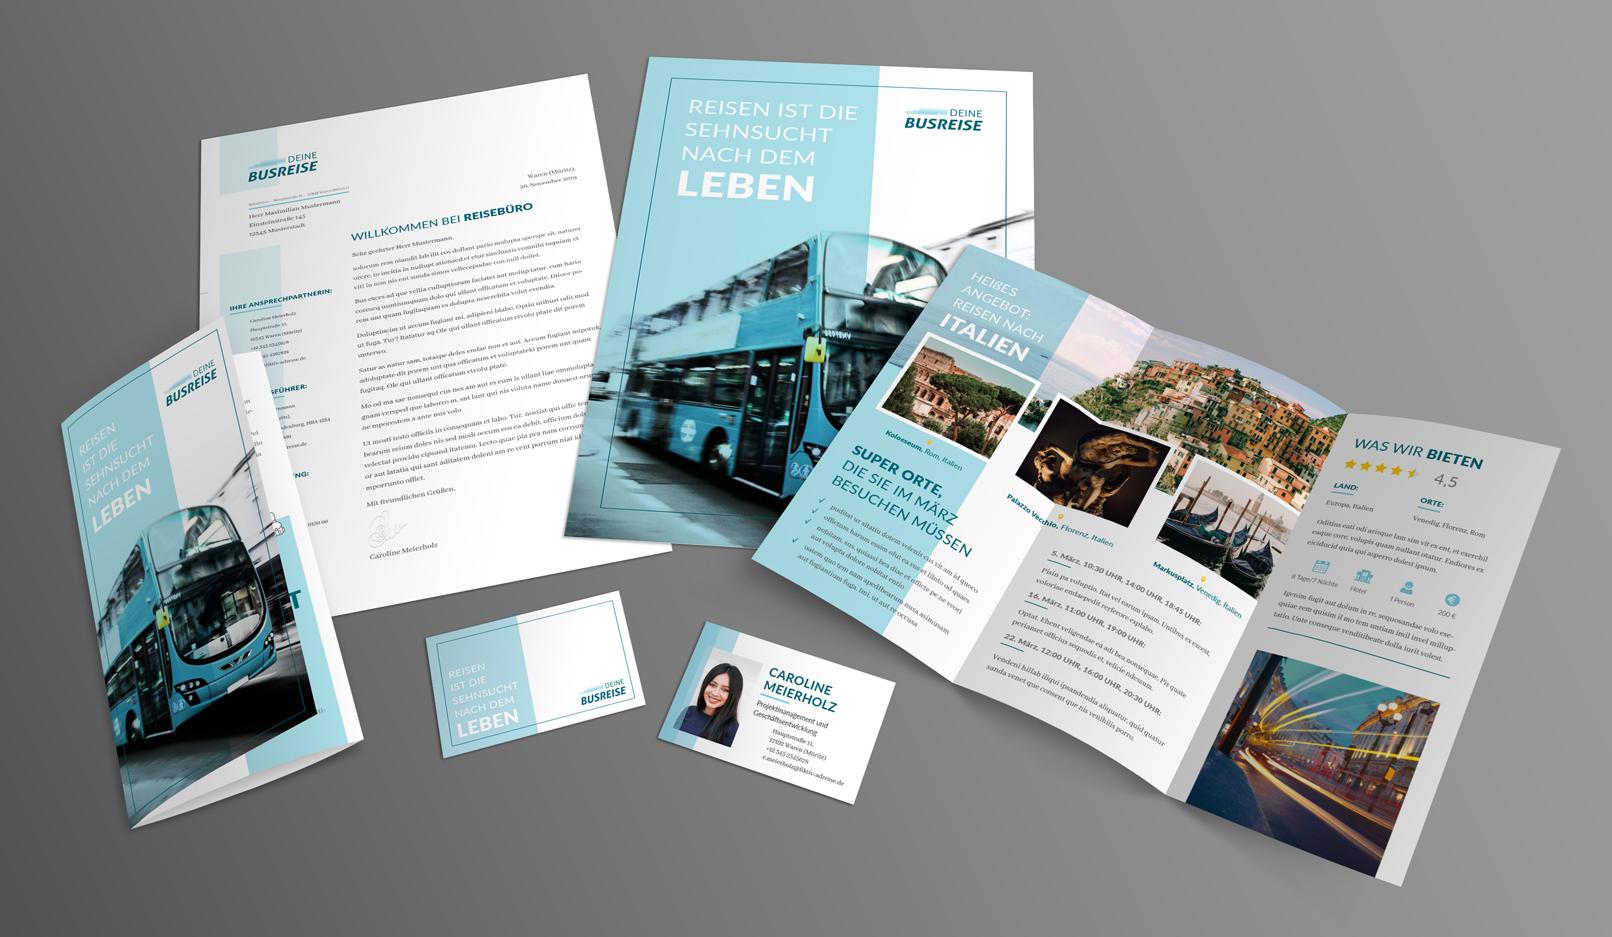 Vorlagen für Reisewerbung und Werbung für einen Urlaub. Thema Reisebüro. Unter anderem Reiseflyer, Visitenkarte.